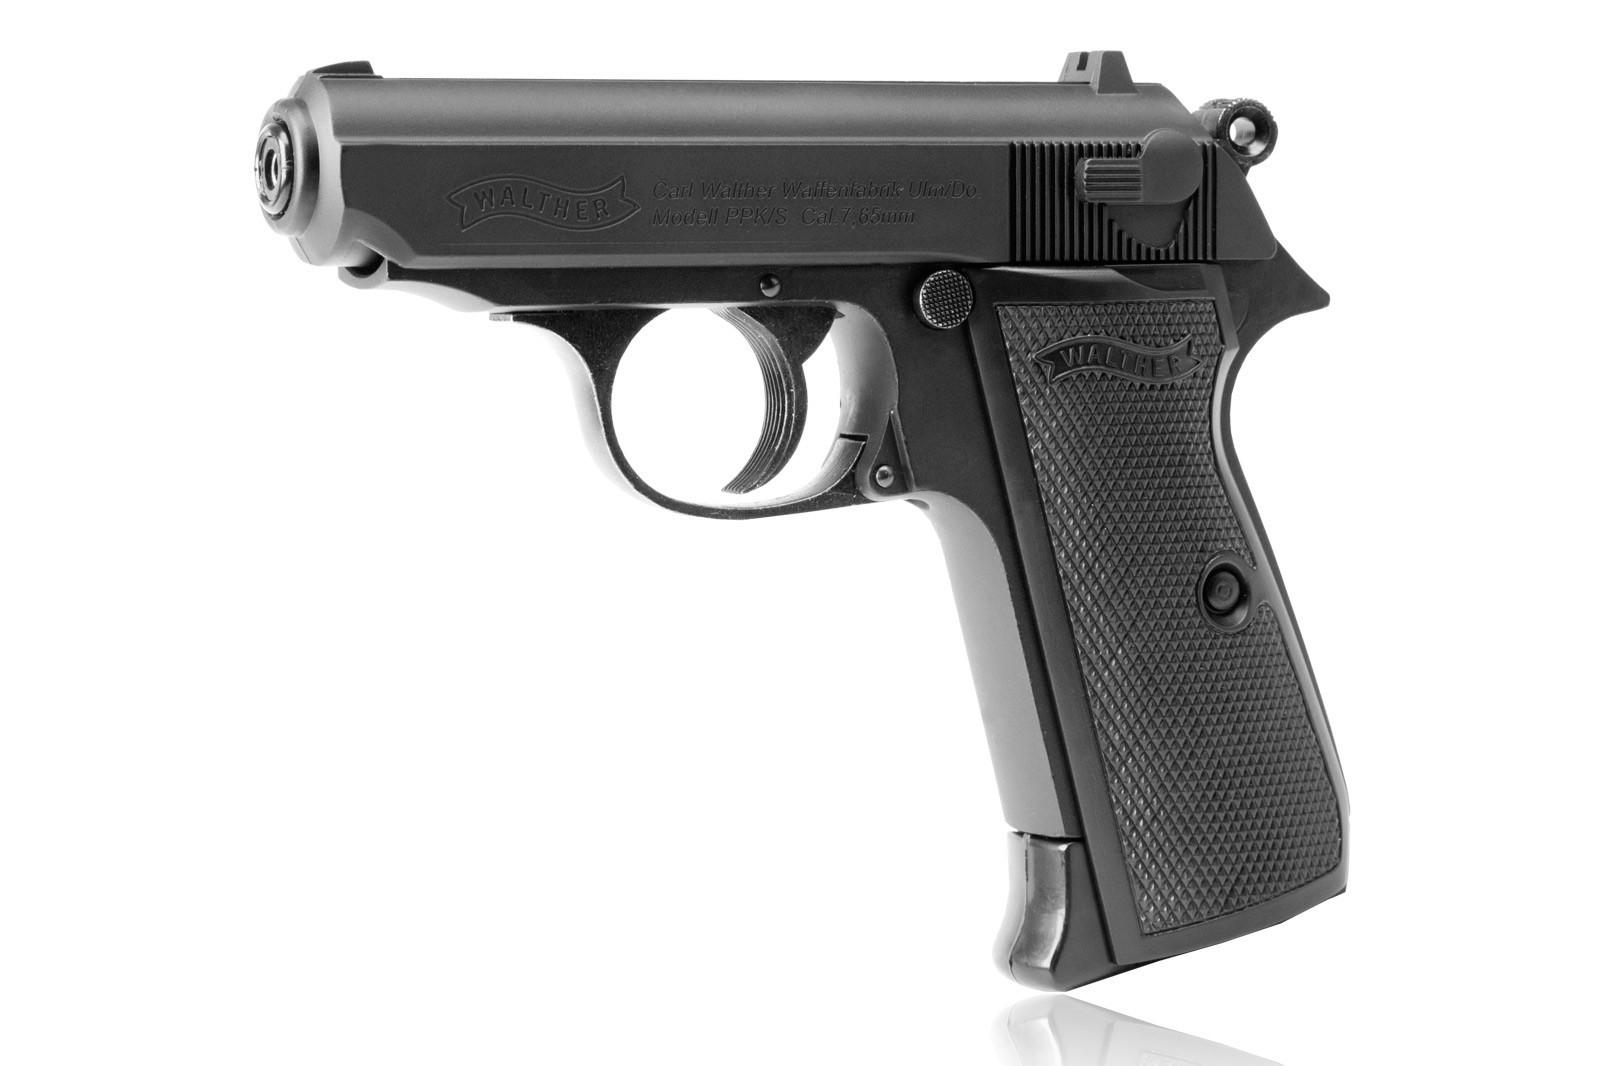 Wiatrówka Pistolet Walther PPK/S Blow Back ZESTAW